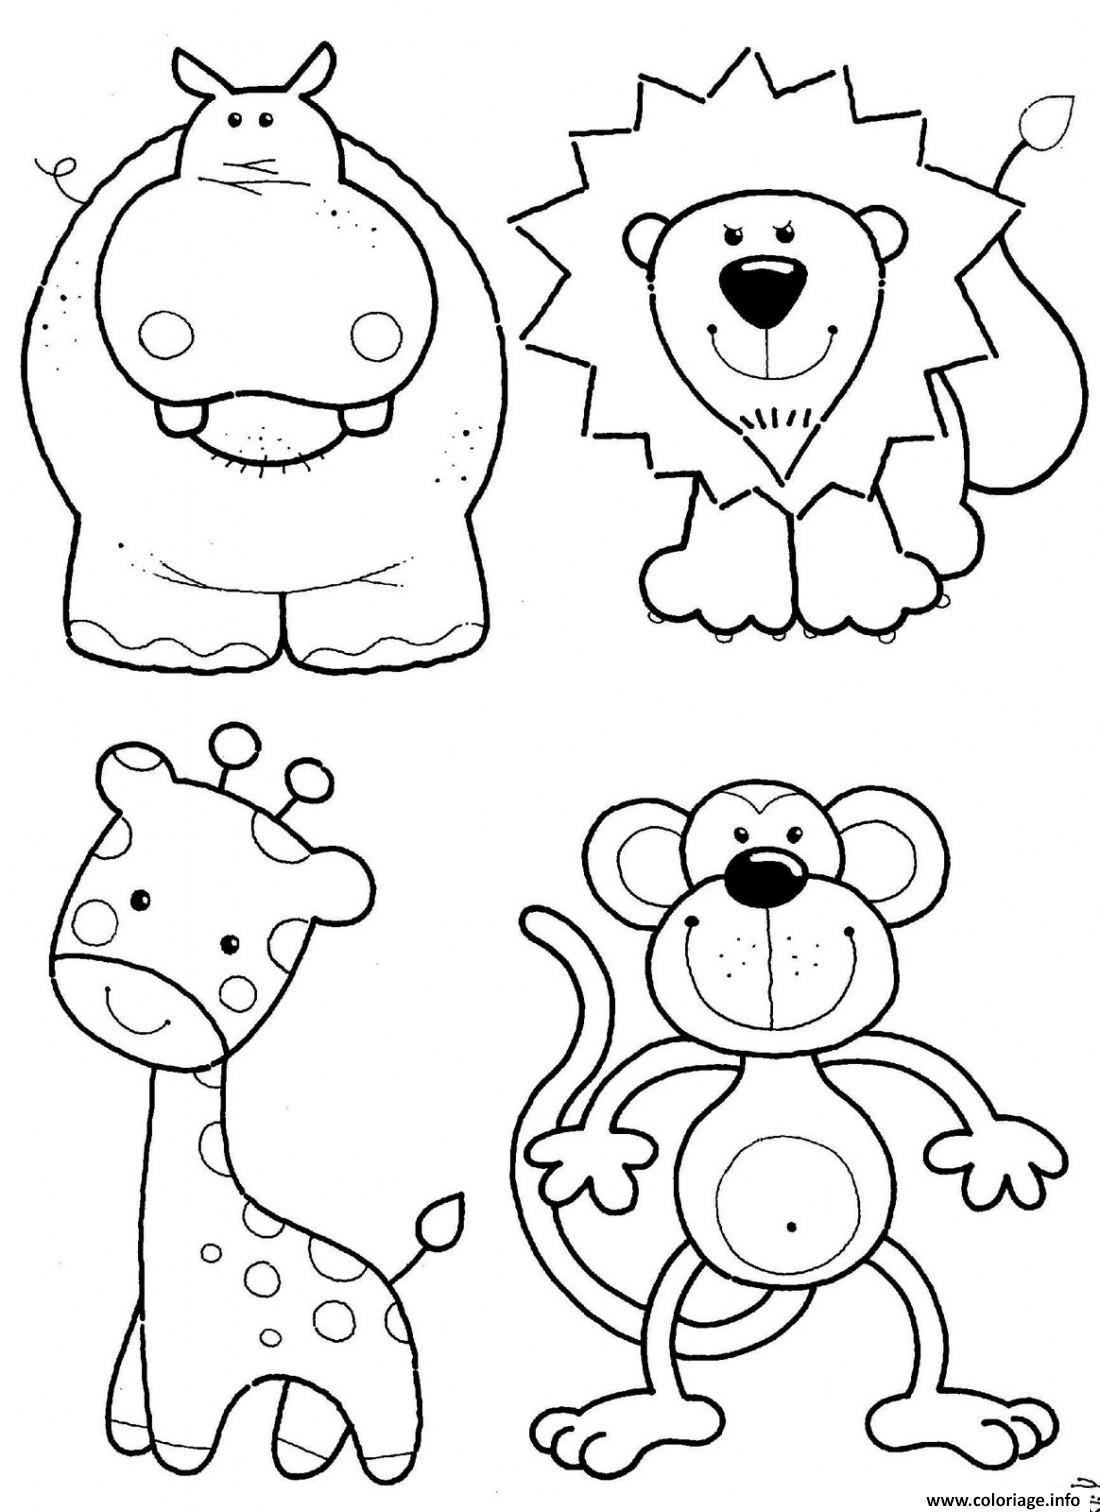 Dessin animals Tsum Tsum facile cute Coloriage Gratuit à Imprimer